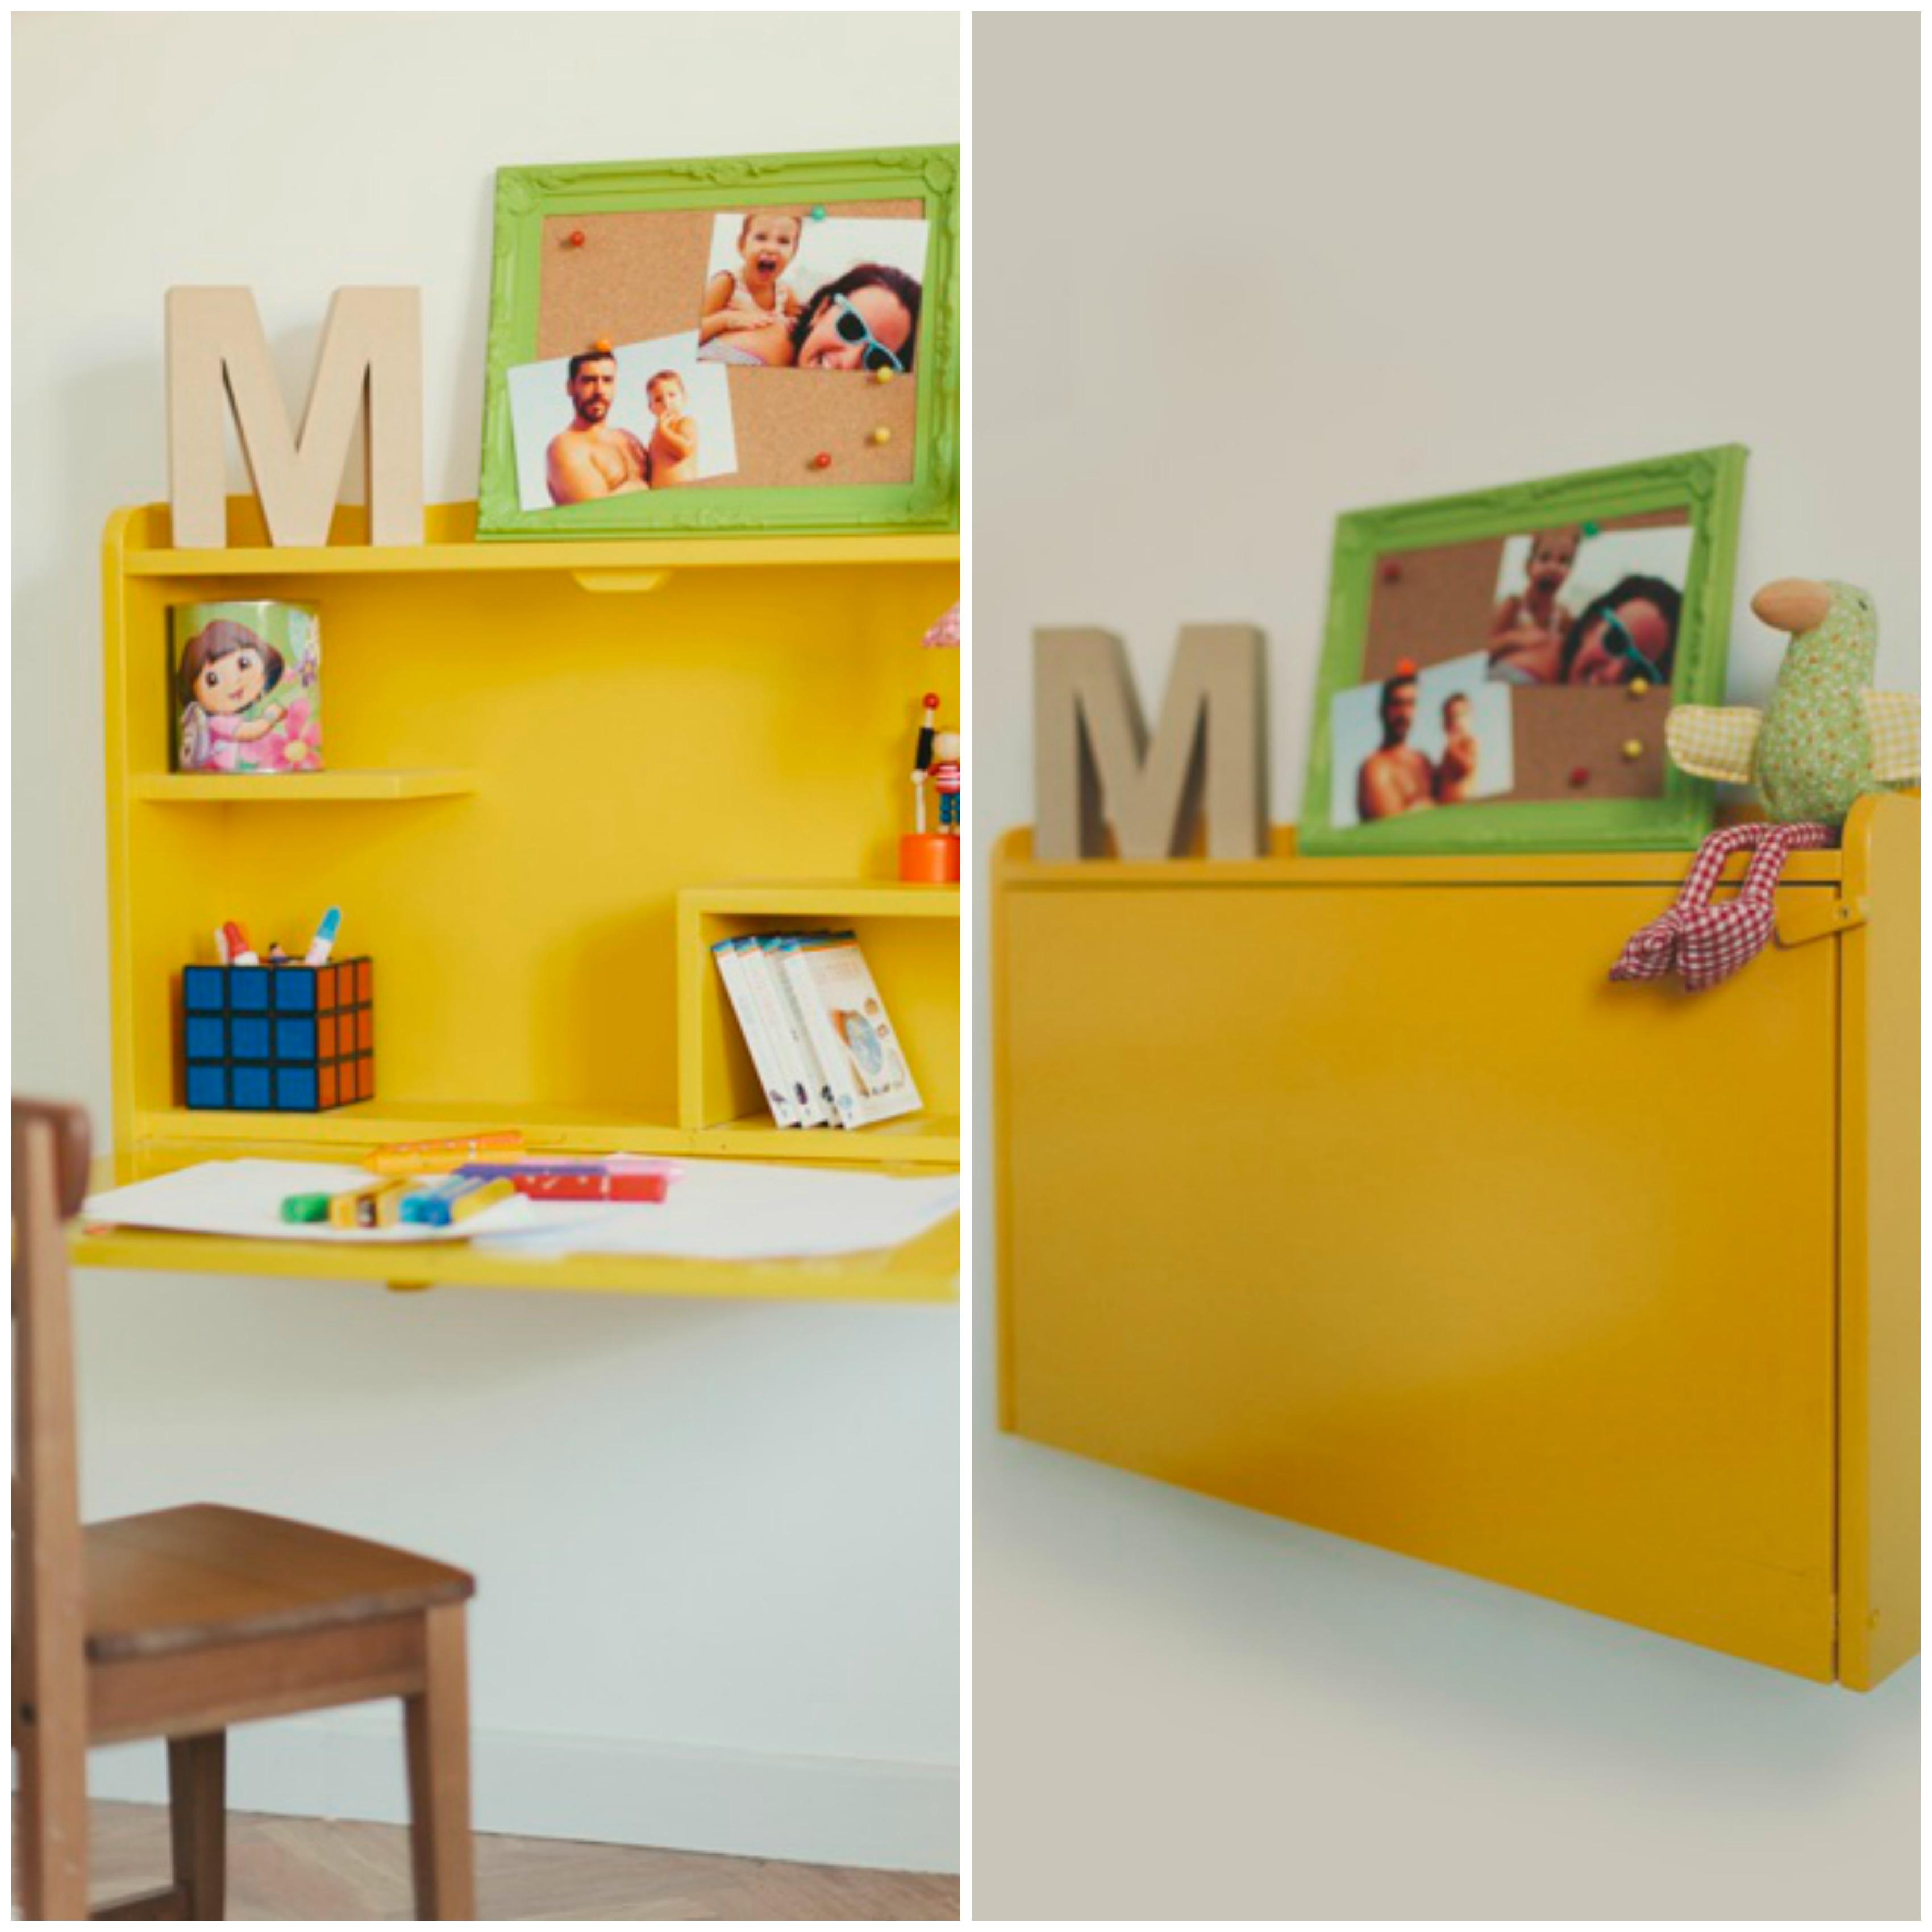 Conociendo A Picapino Carpinter A Beatriz Mill N # Muebles Roqueros